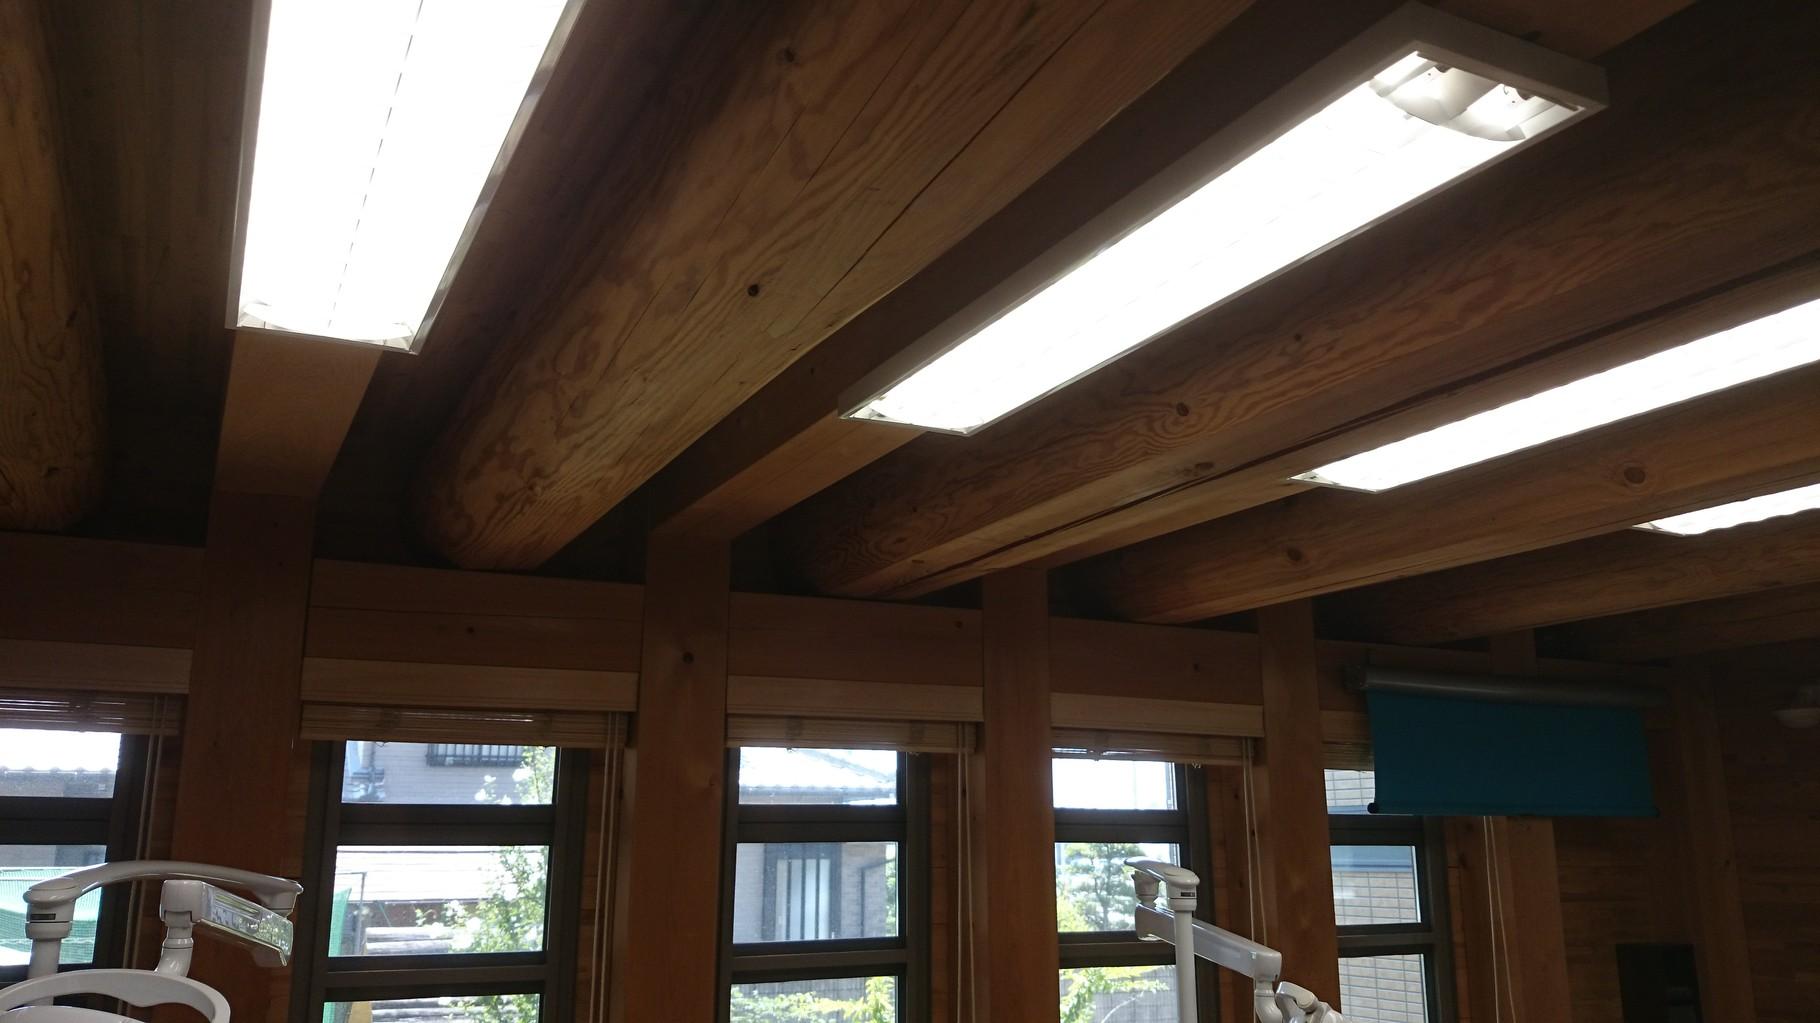 診療室天井 丸太の梁がむき出しに組まれている